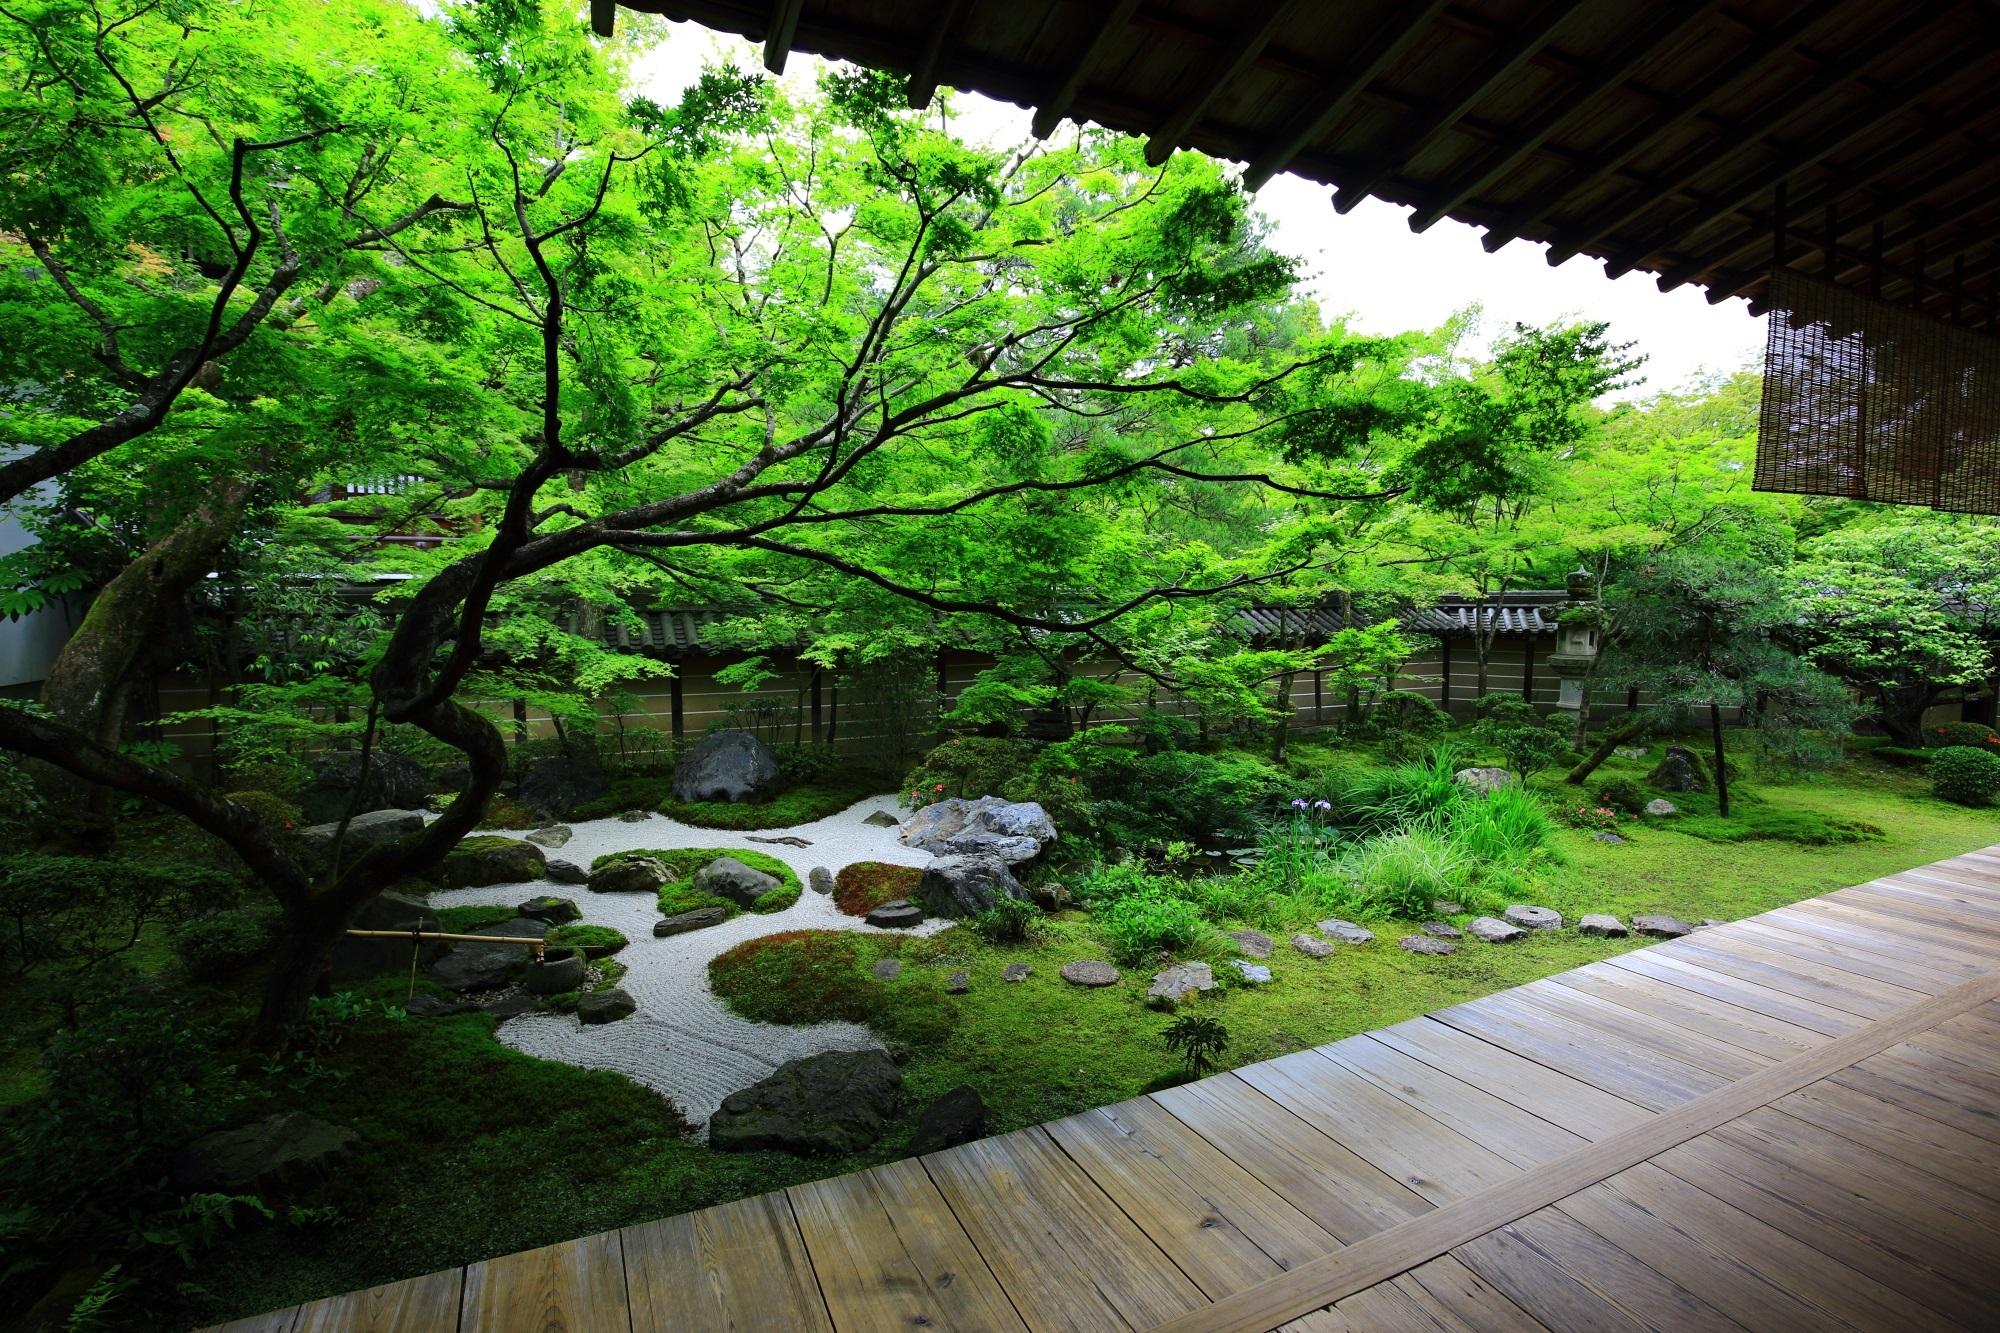 永観堂 方丈庭園 もみじの名所の絶品の緑